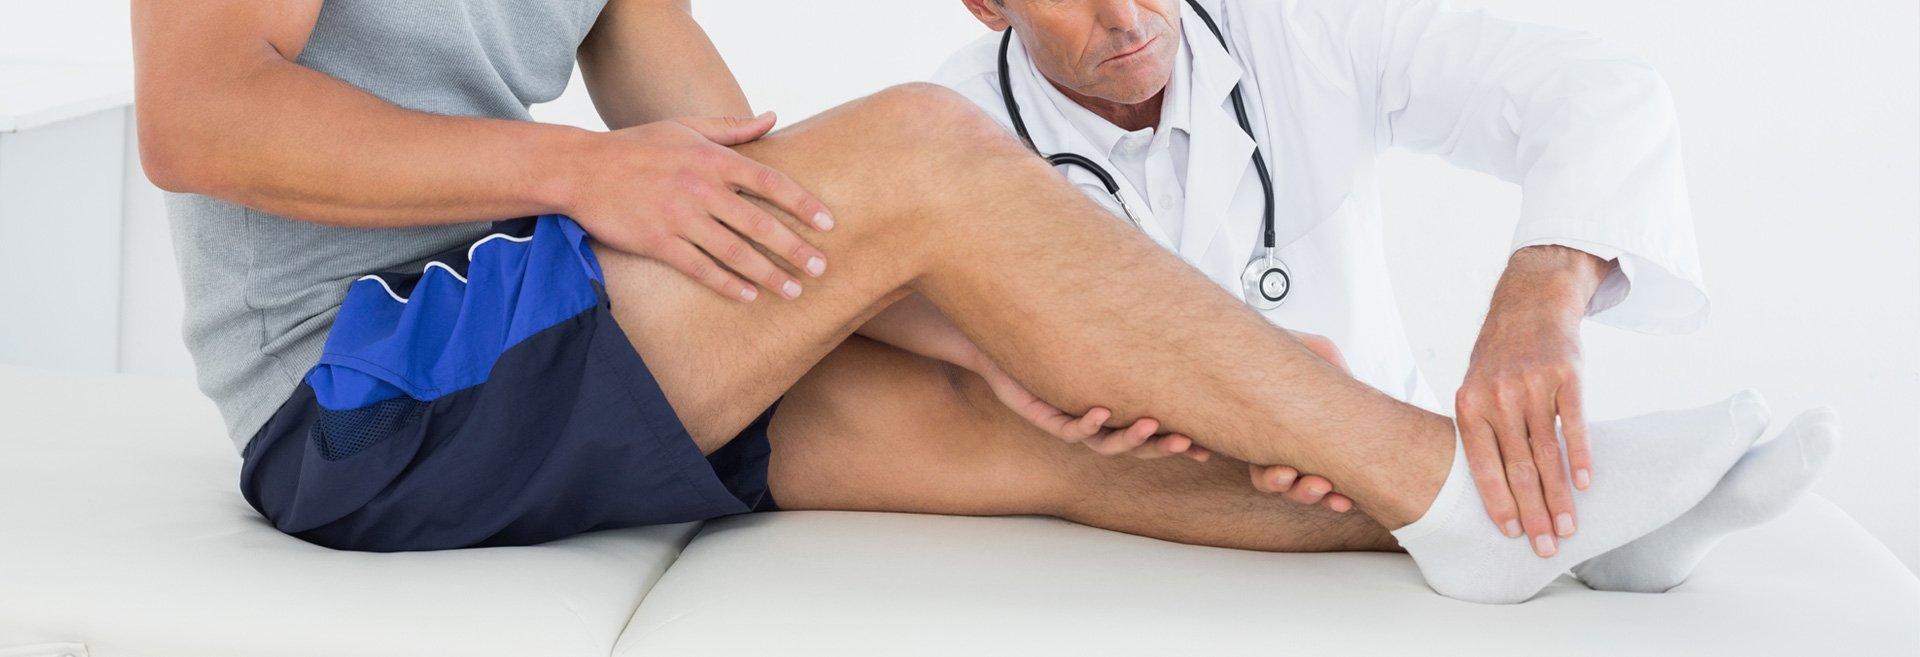 Боль В Локтевом Суставе Левой Руки Лечение